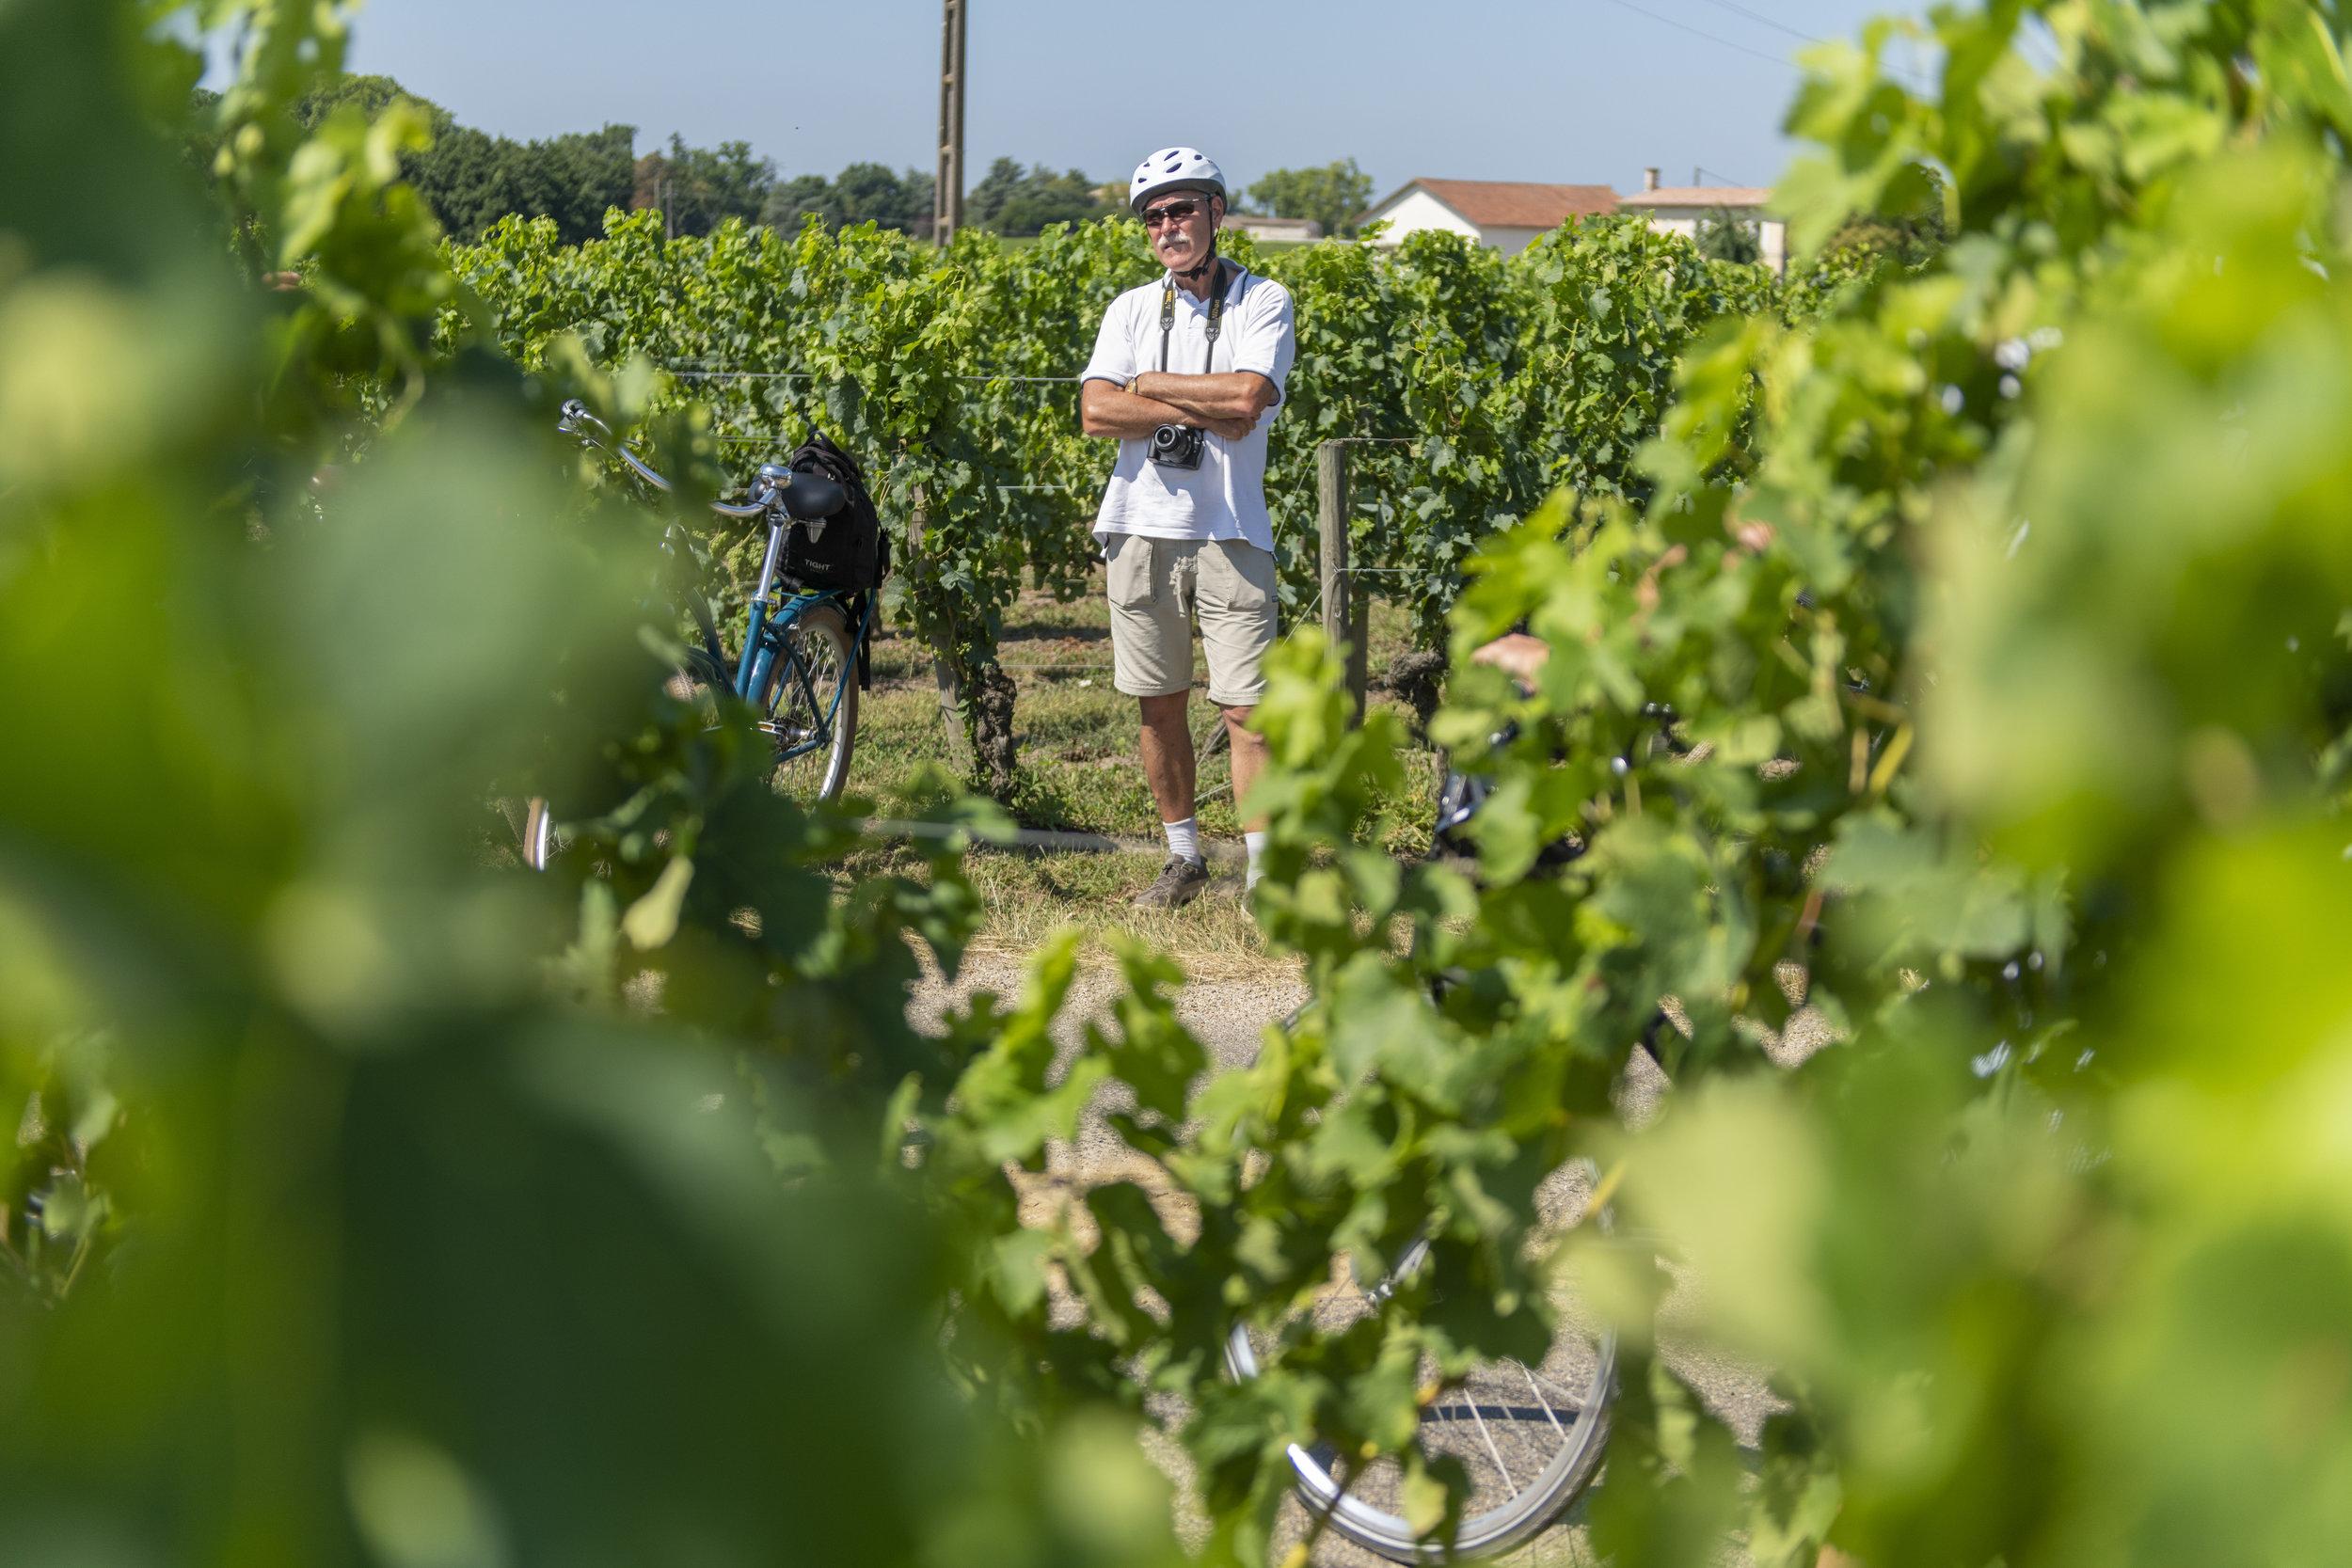 Italia - Prosecco Bike Ride